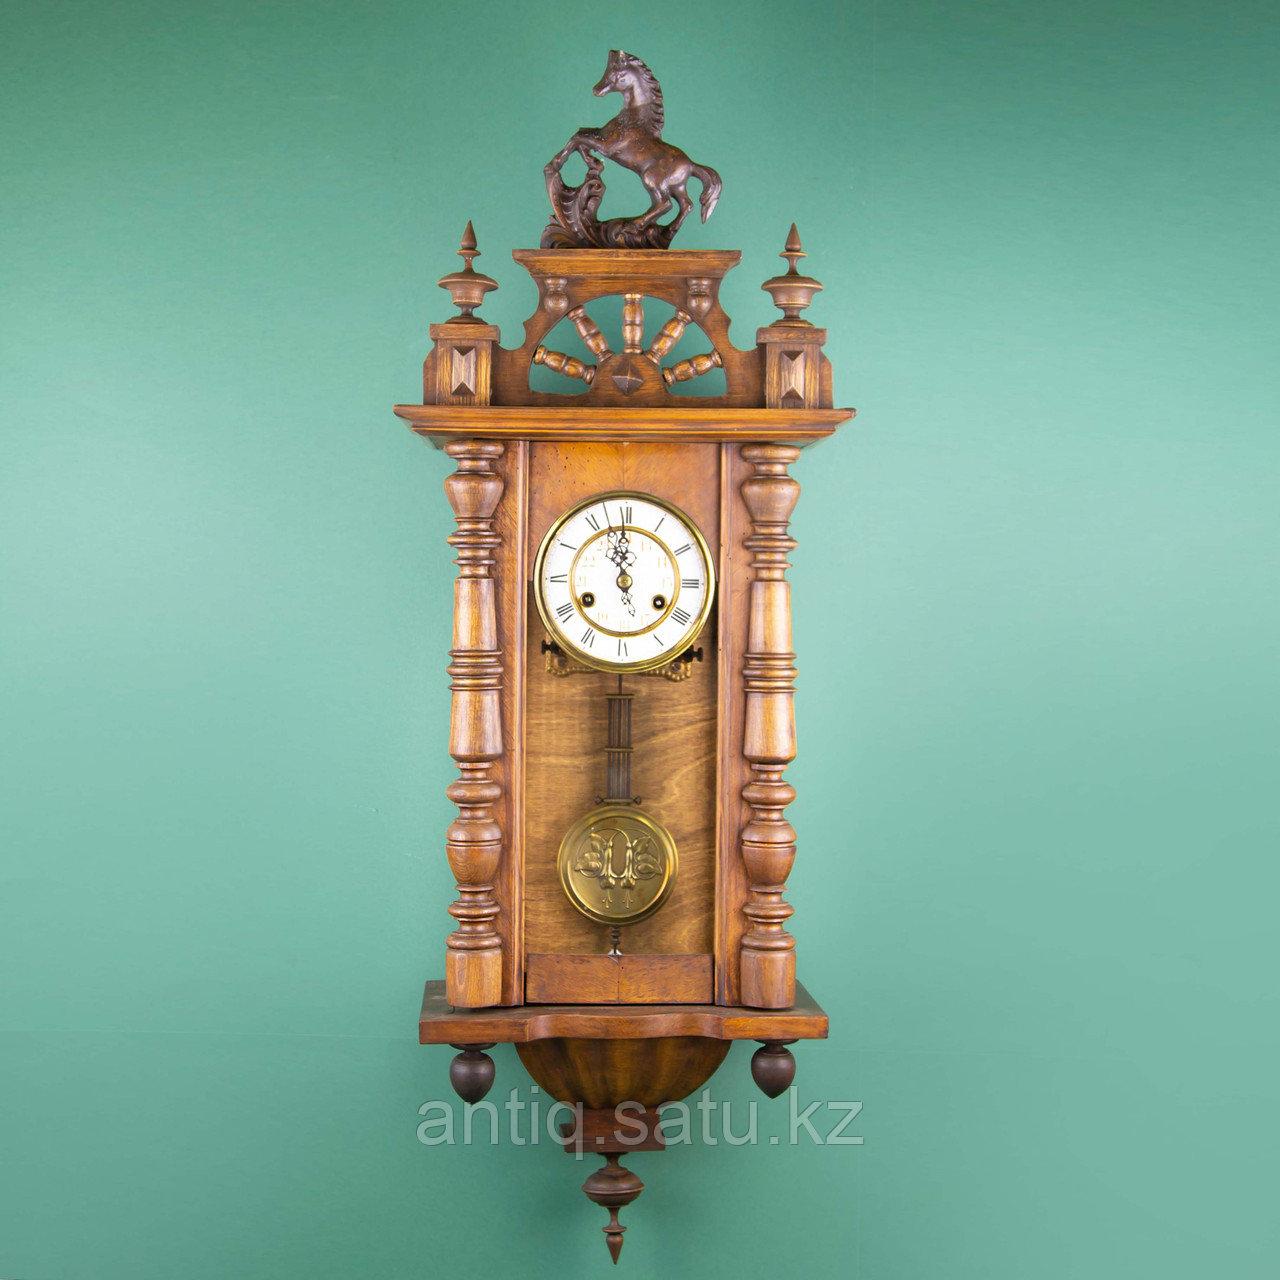 Настенные часы Часовая мастерская Franz Hermle & Sohne - фото 1